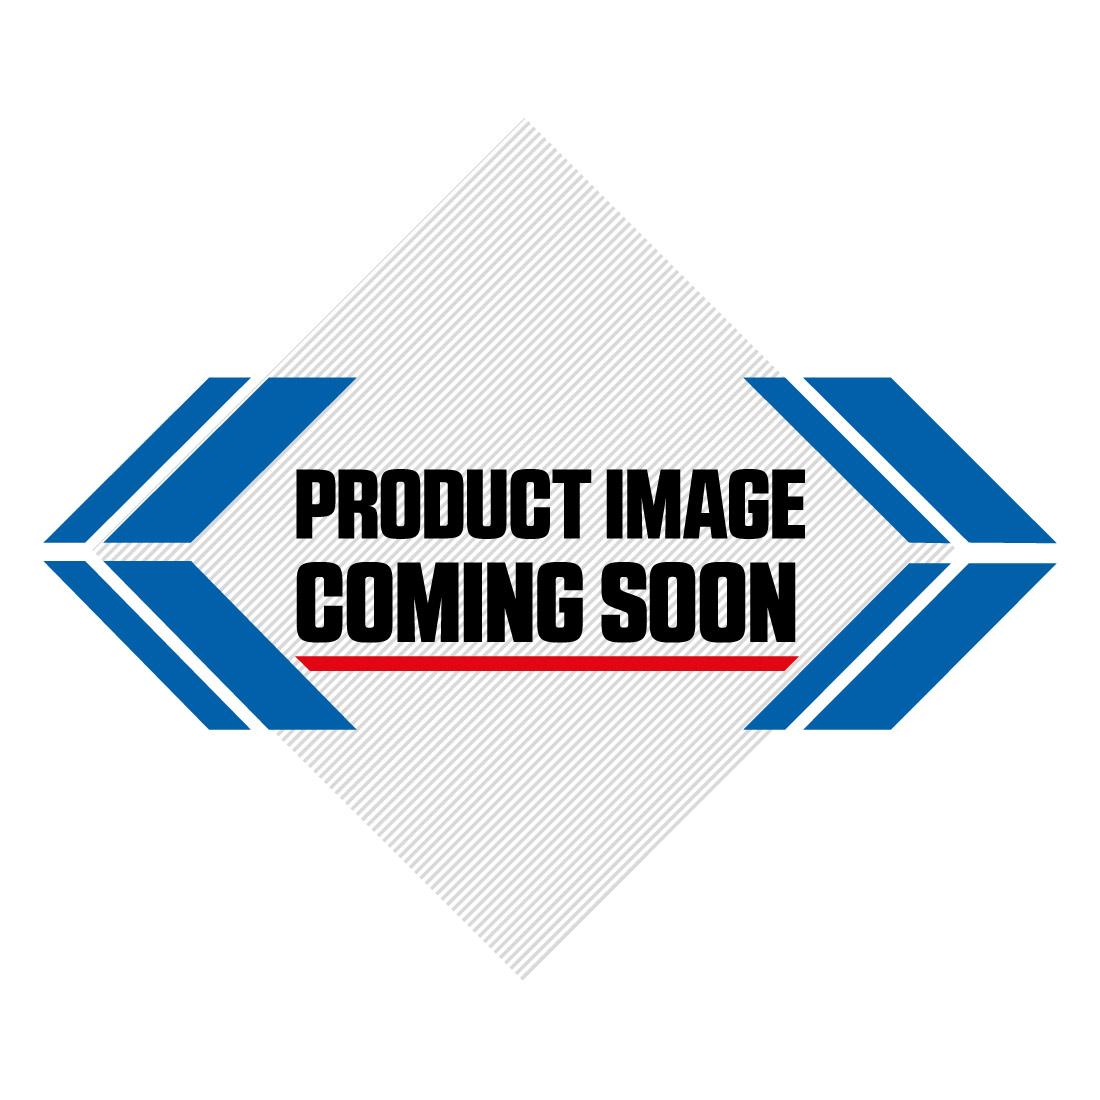 UFO KTM Plastic Kit SX 125 150 250 SXF 250 350 450 (16-18) Black Image-0